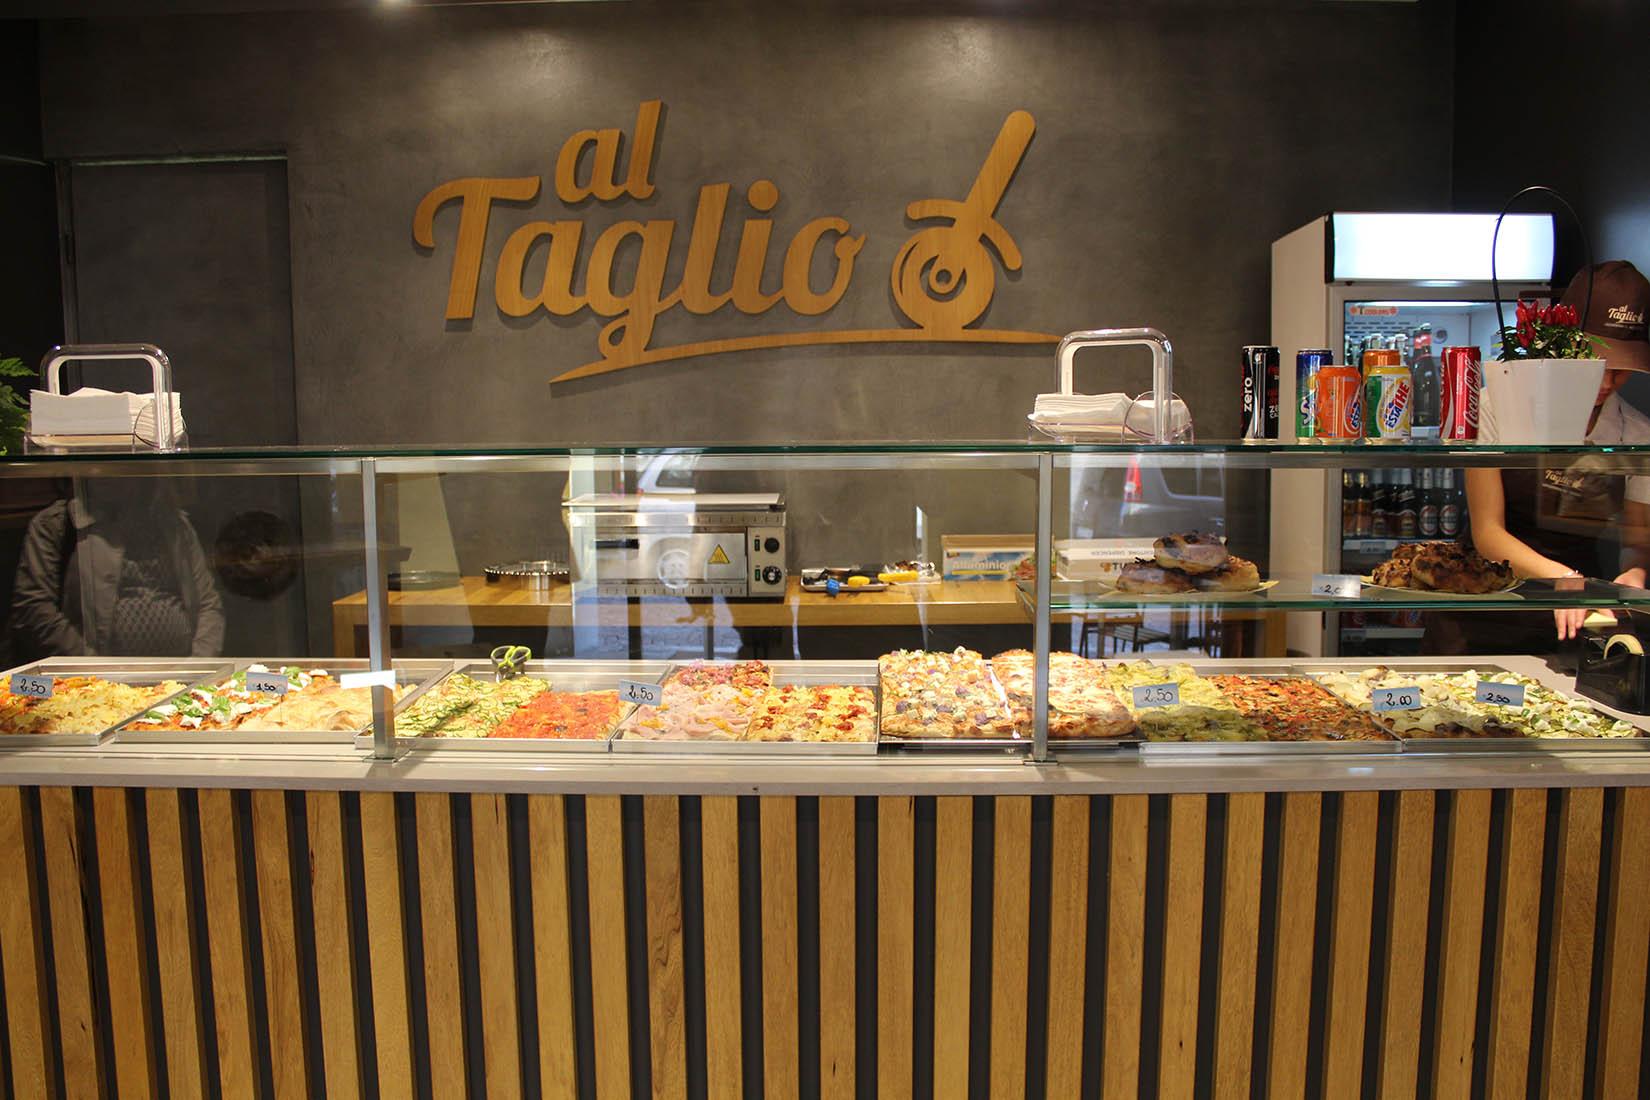 Итальянские слова и фразы, которые помогут сделать правильный заказ в ресторане Итальянские слова и фразы, которые помогут сделать правильный заказ в ресторане Pizzeria al taglio banco 1